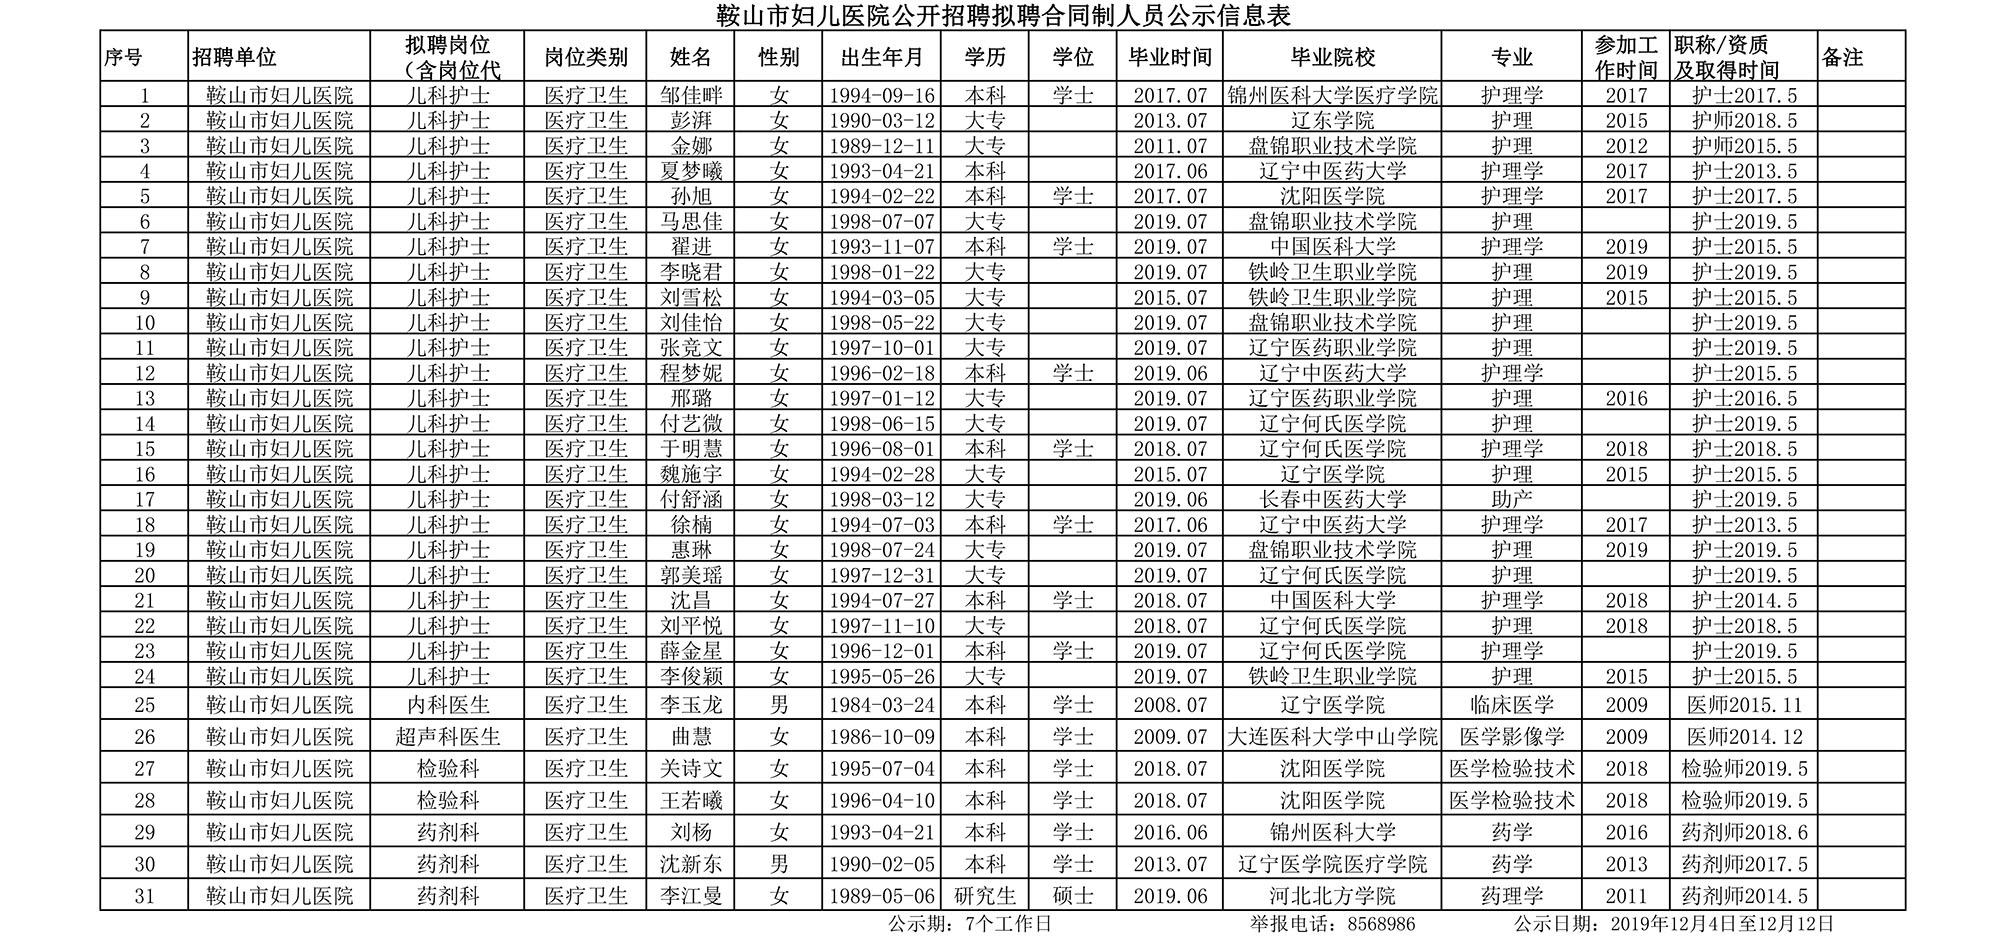 鞍山市妇儿医院公开招聘拟聘合同制人员公示信息表